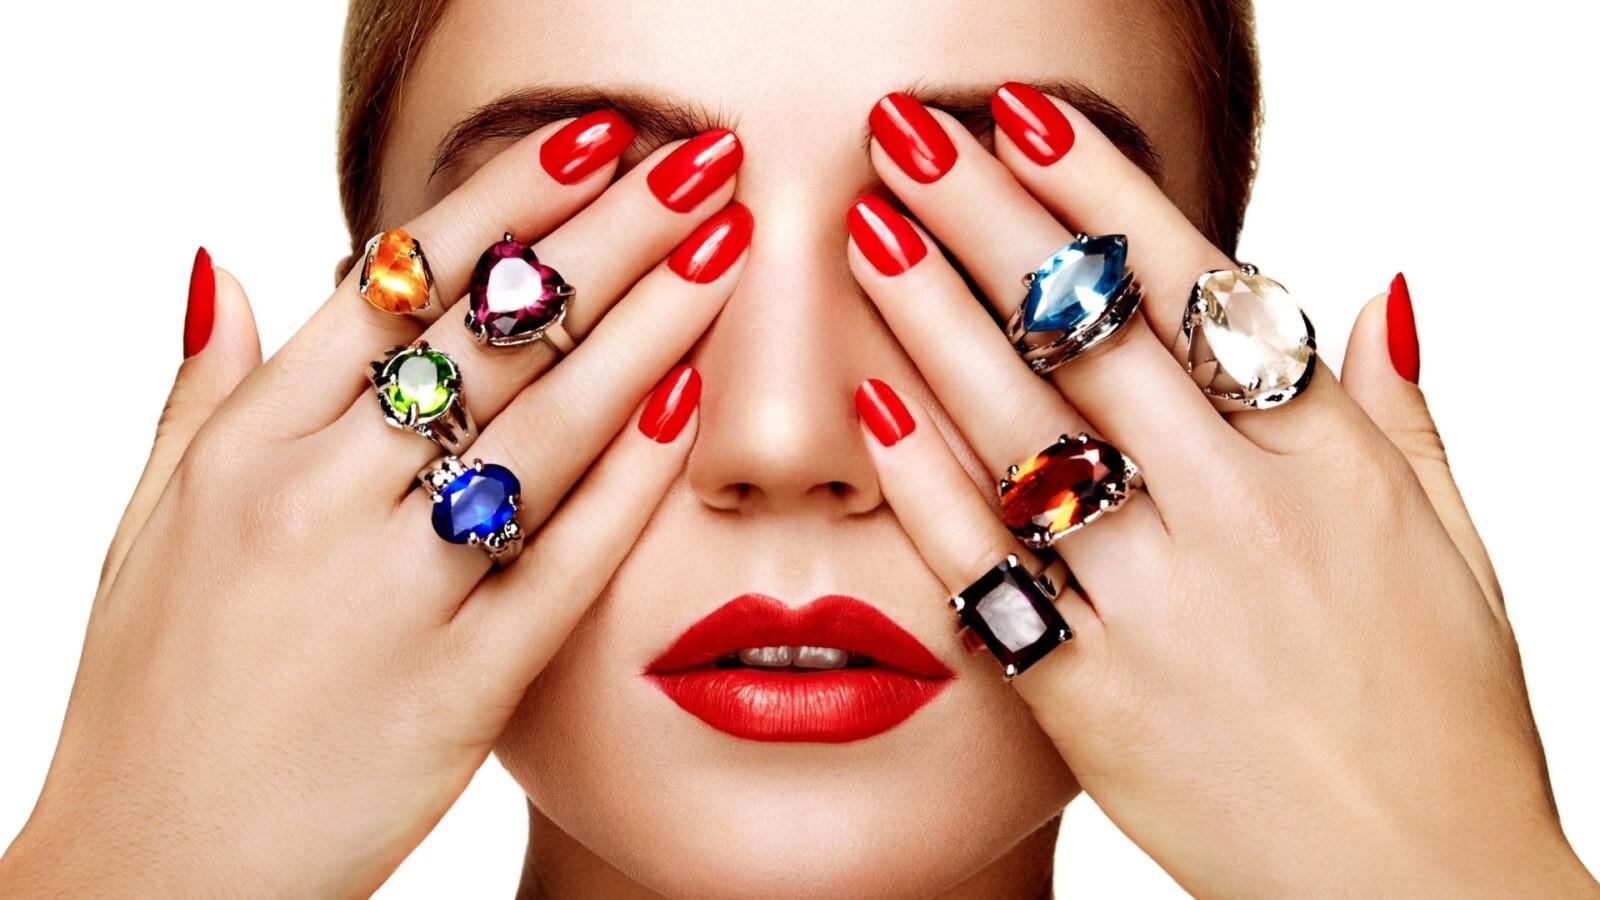 Что о своем владельце могут рассказать кольца на пальцах